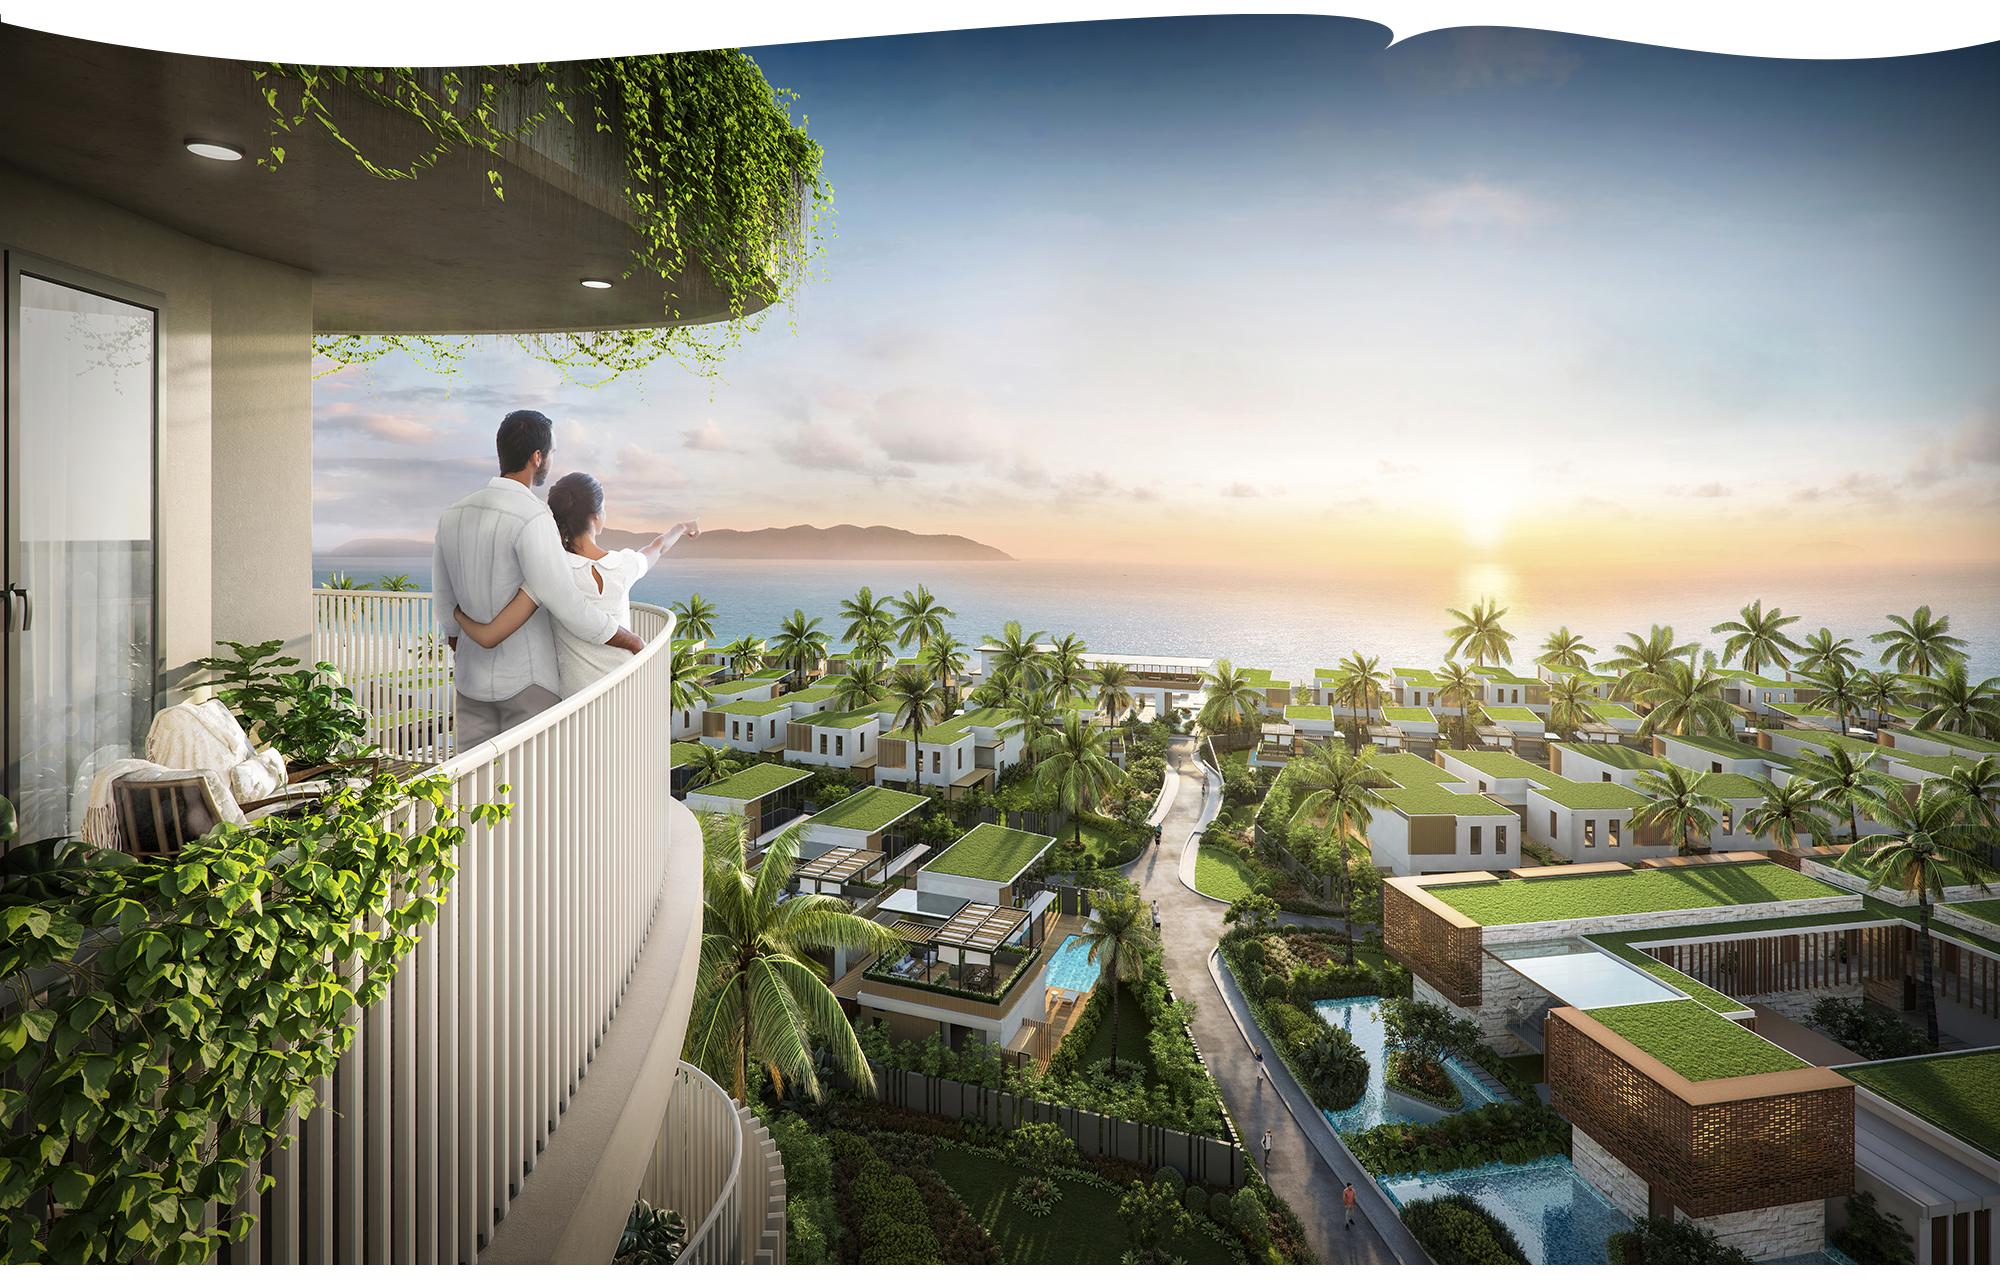 BĐS ven Hội An thắng thế nhờ dòng sản phẩm mới Shantira Beach Resort & Spa - Ảnh 5.